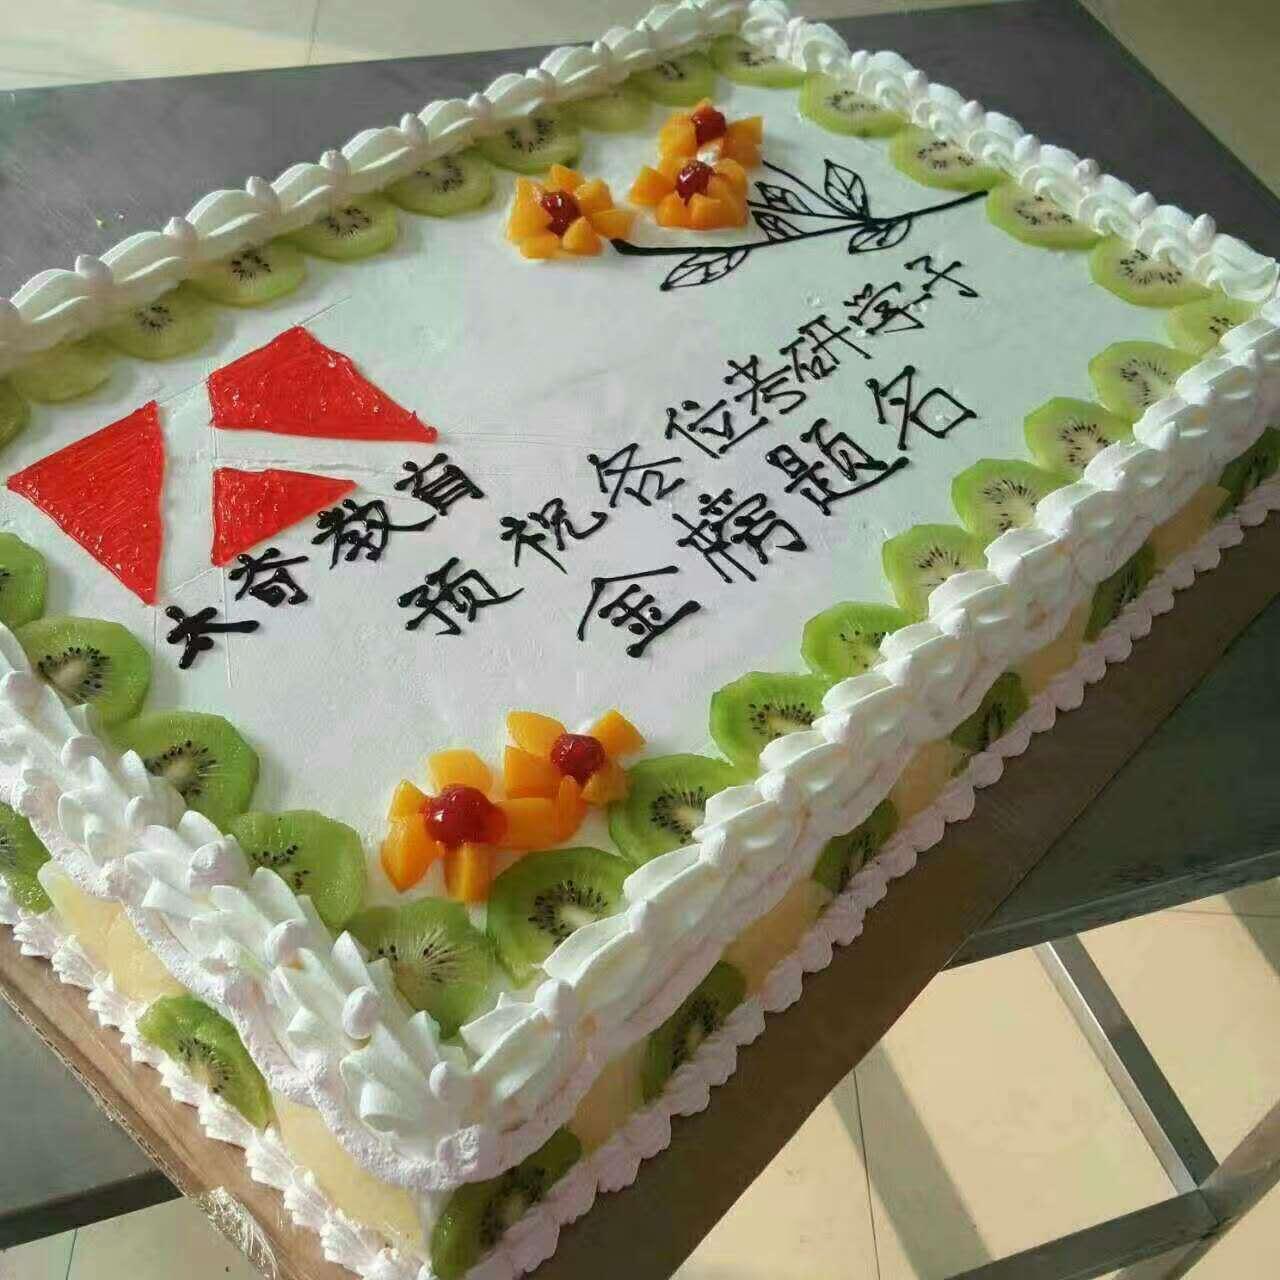 石家庄太奇教育mpacc/mba暑假集训营火热预报名中……